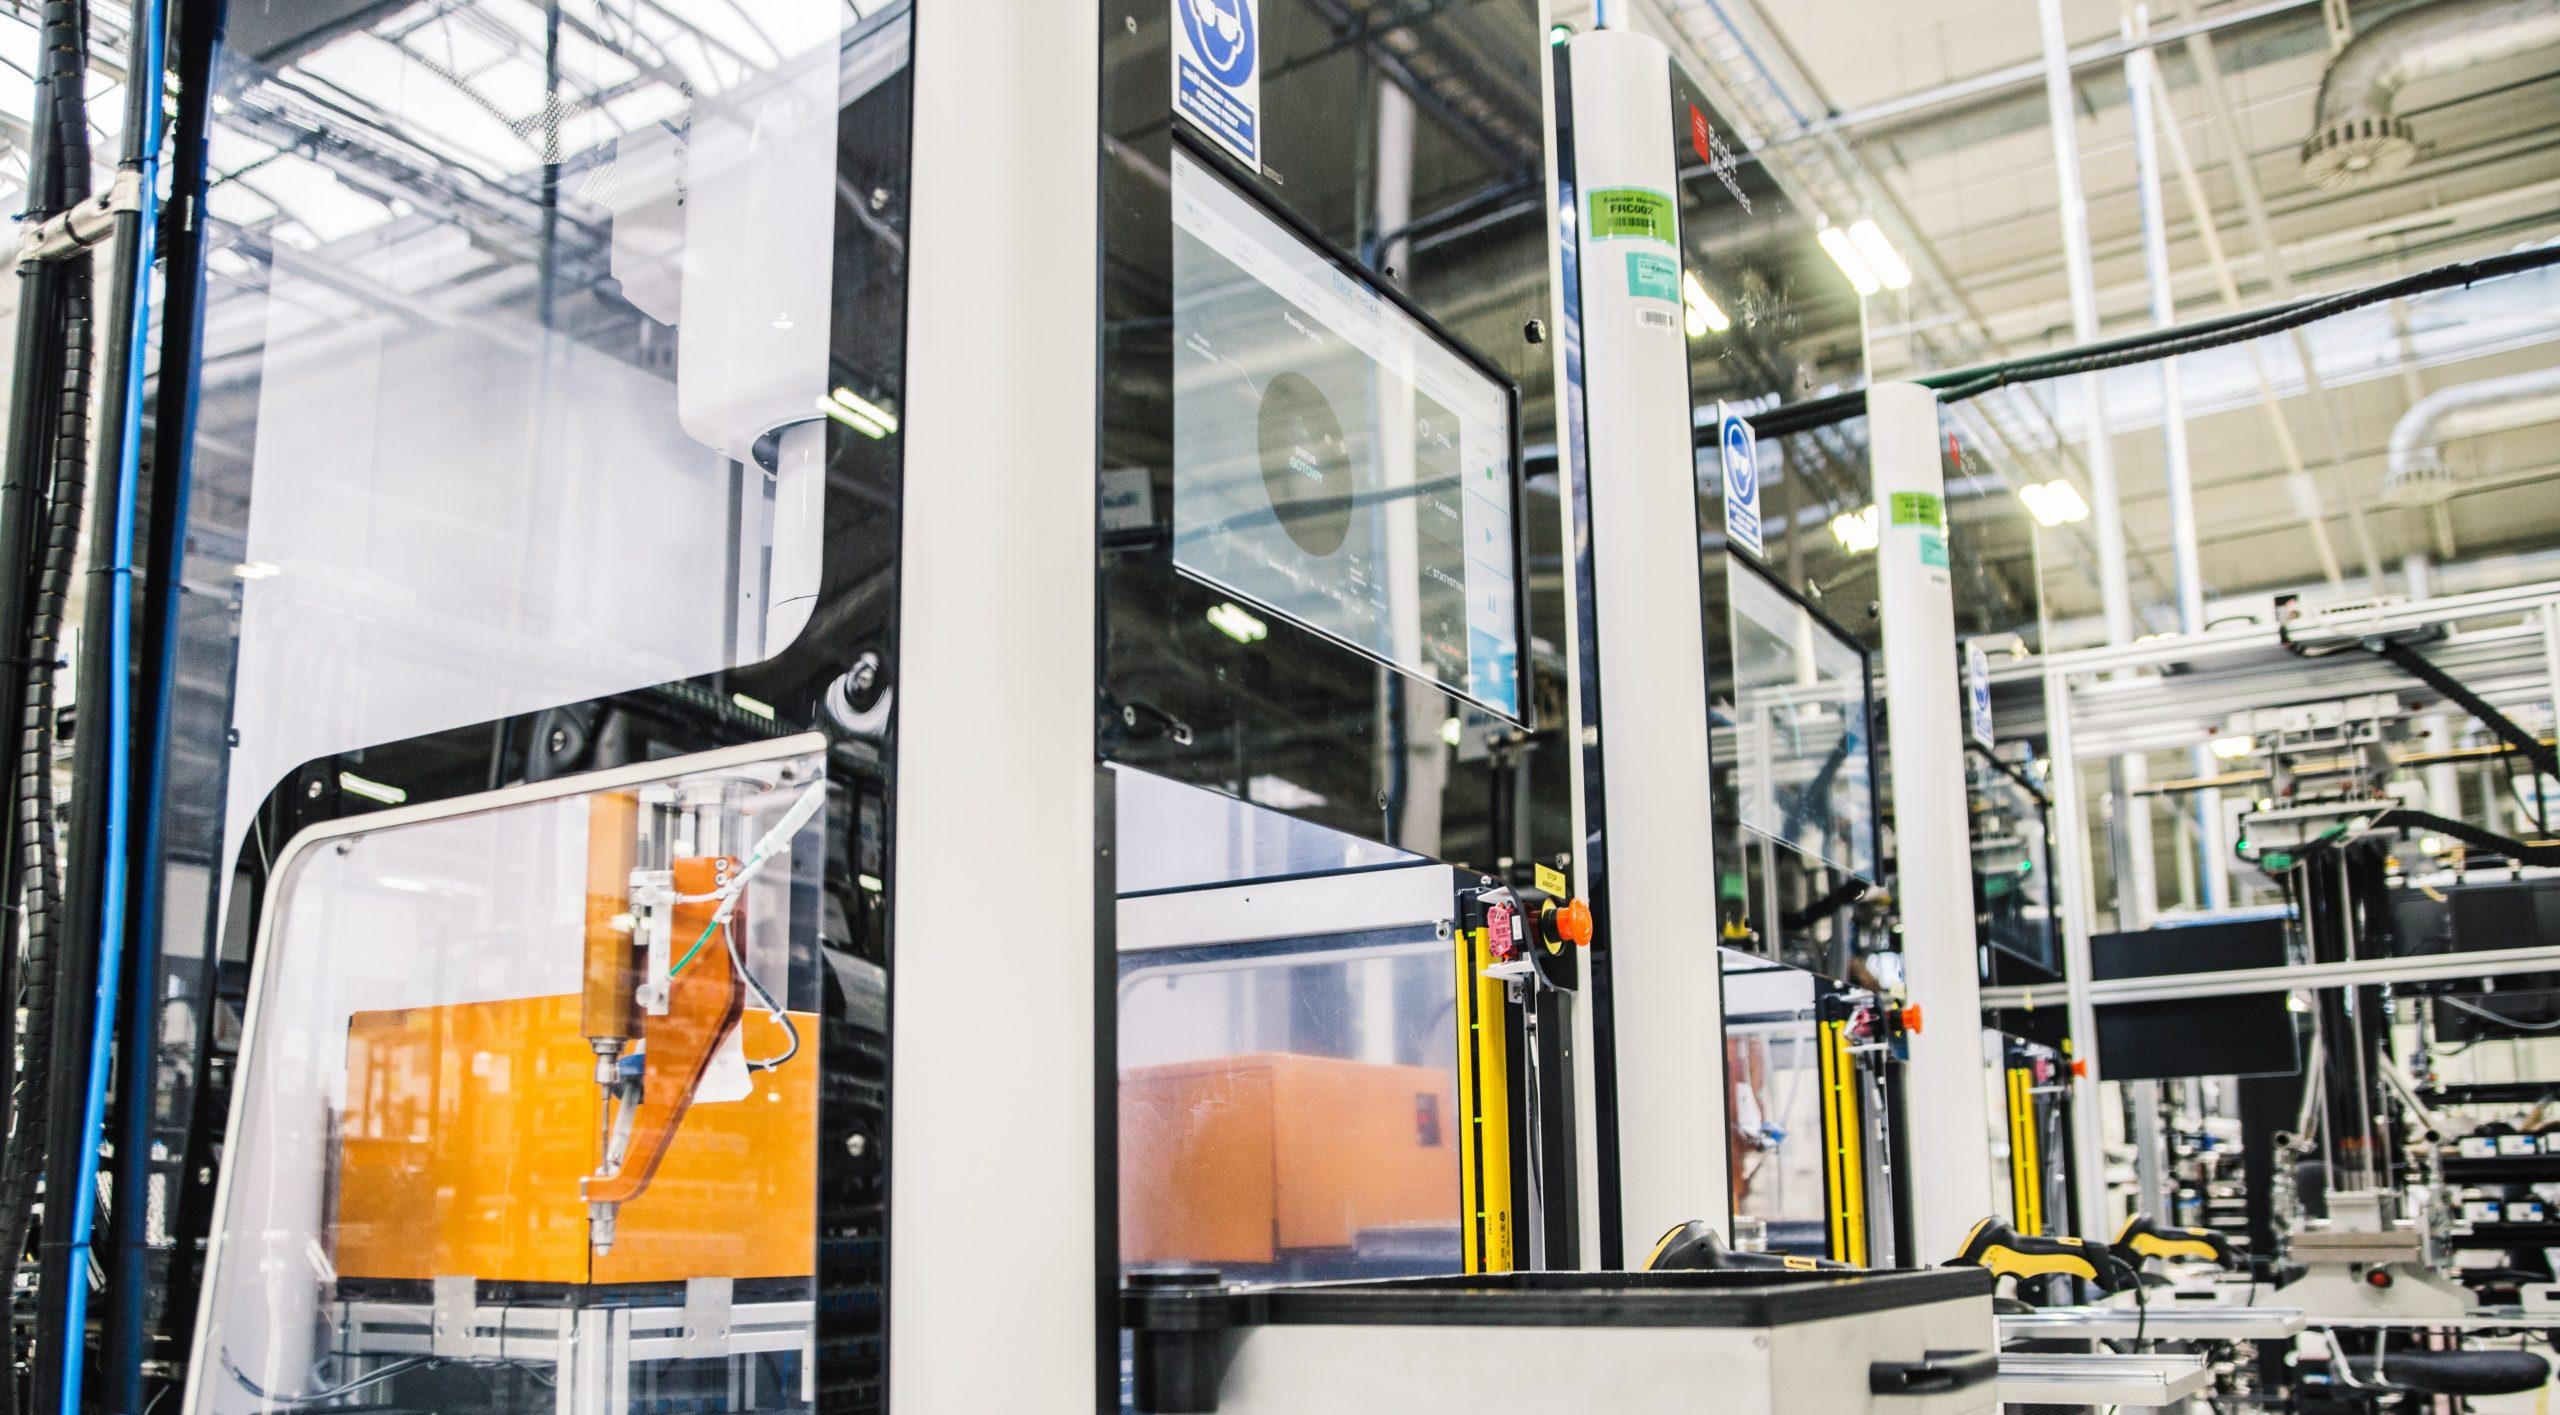 Die Software Brightware von Brightmachines generiert Anleitungen, die zur Ausführung an die Robotikmodule in der Fabrikhalle gesendet werden. (Bild: Bright Machines, Inc.)